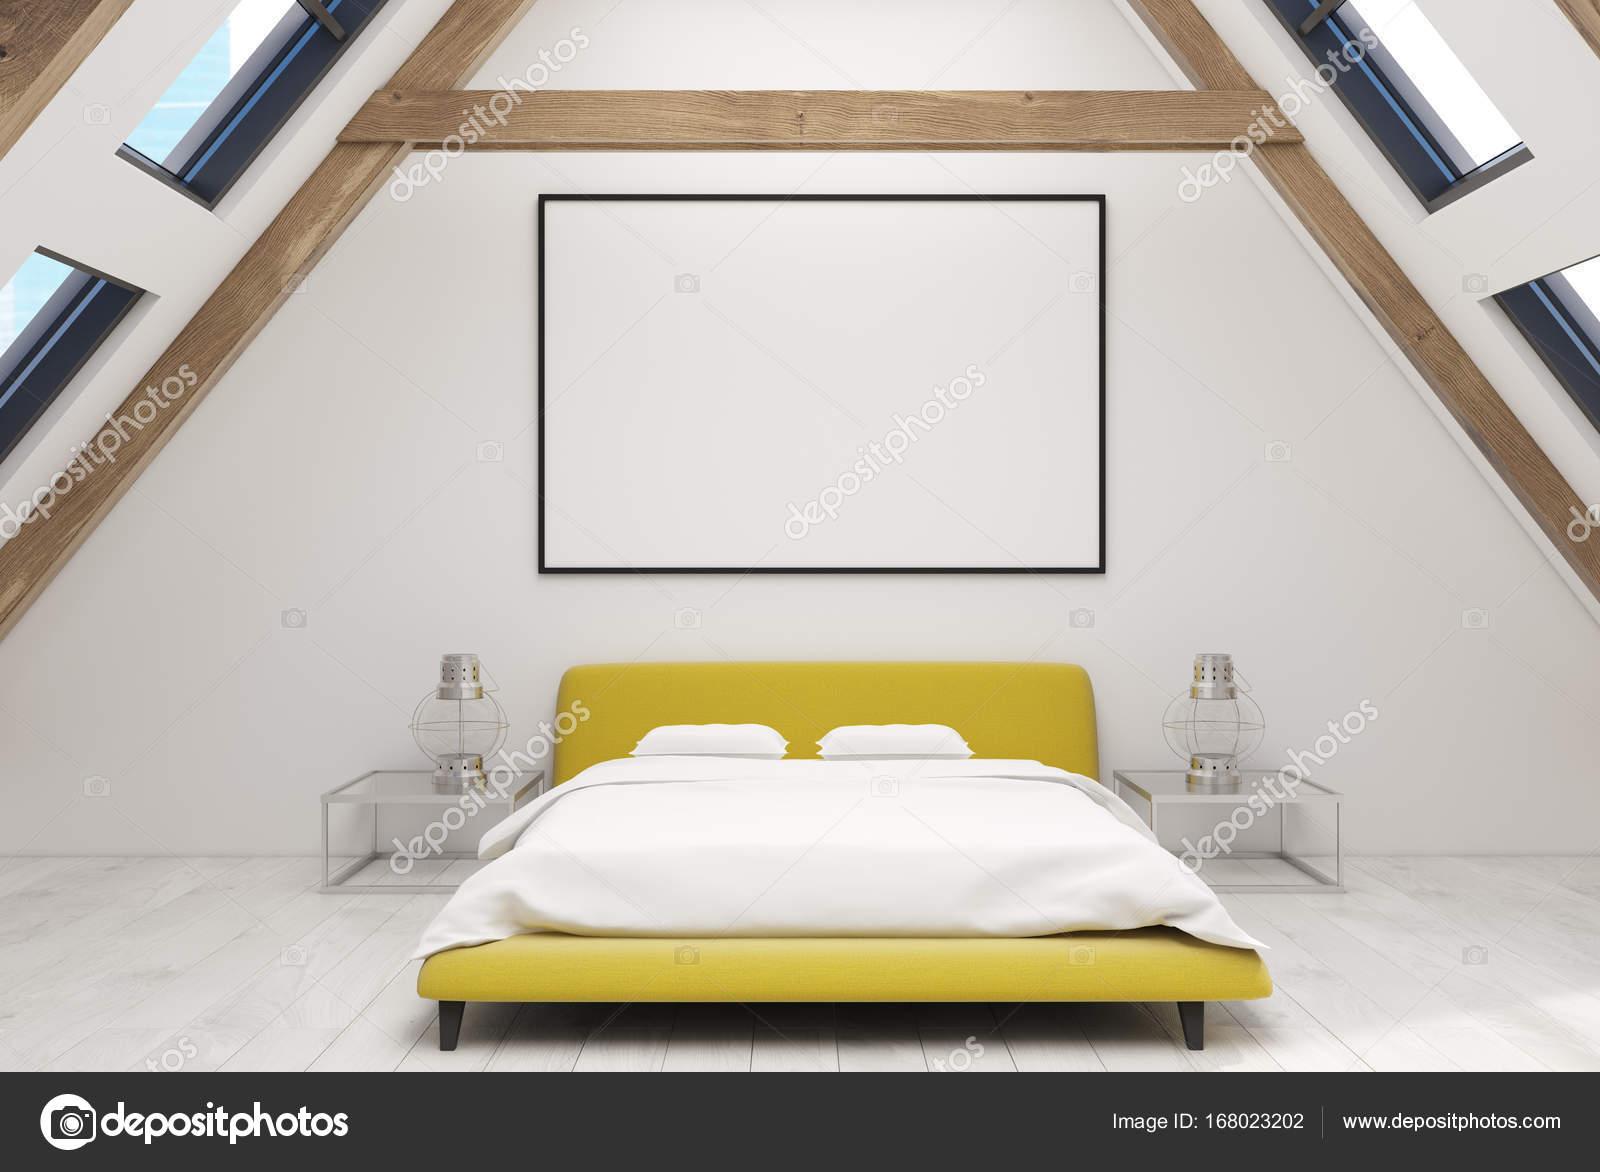 Weiße Dachboden Schlafzimmer Innenraum Mit Einem Hölzernen Fußboden,  Fenster Im Dach, Gelbe Doppelbett Mit Weißer Bettwäsche Und Moderne  Nachttische.